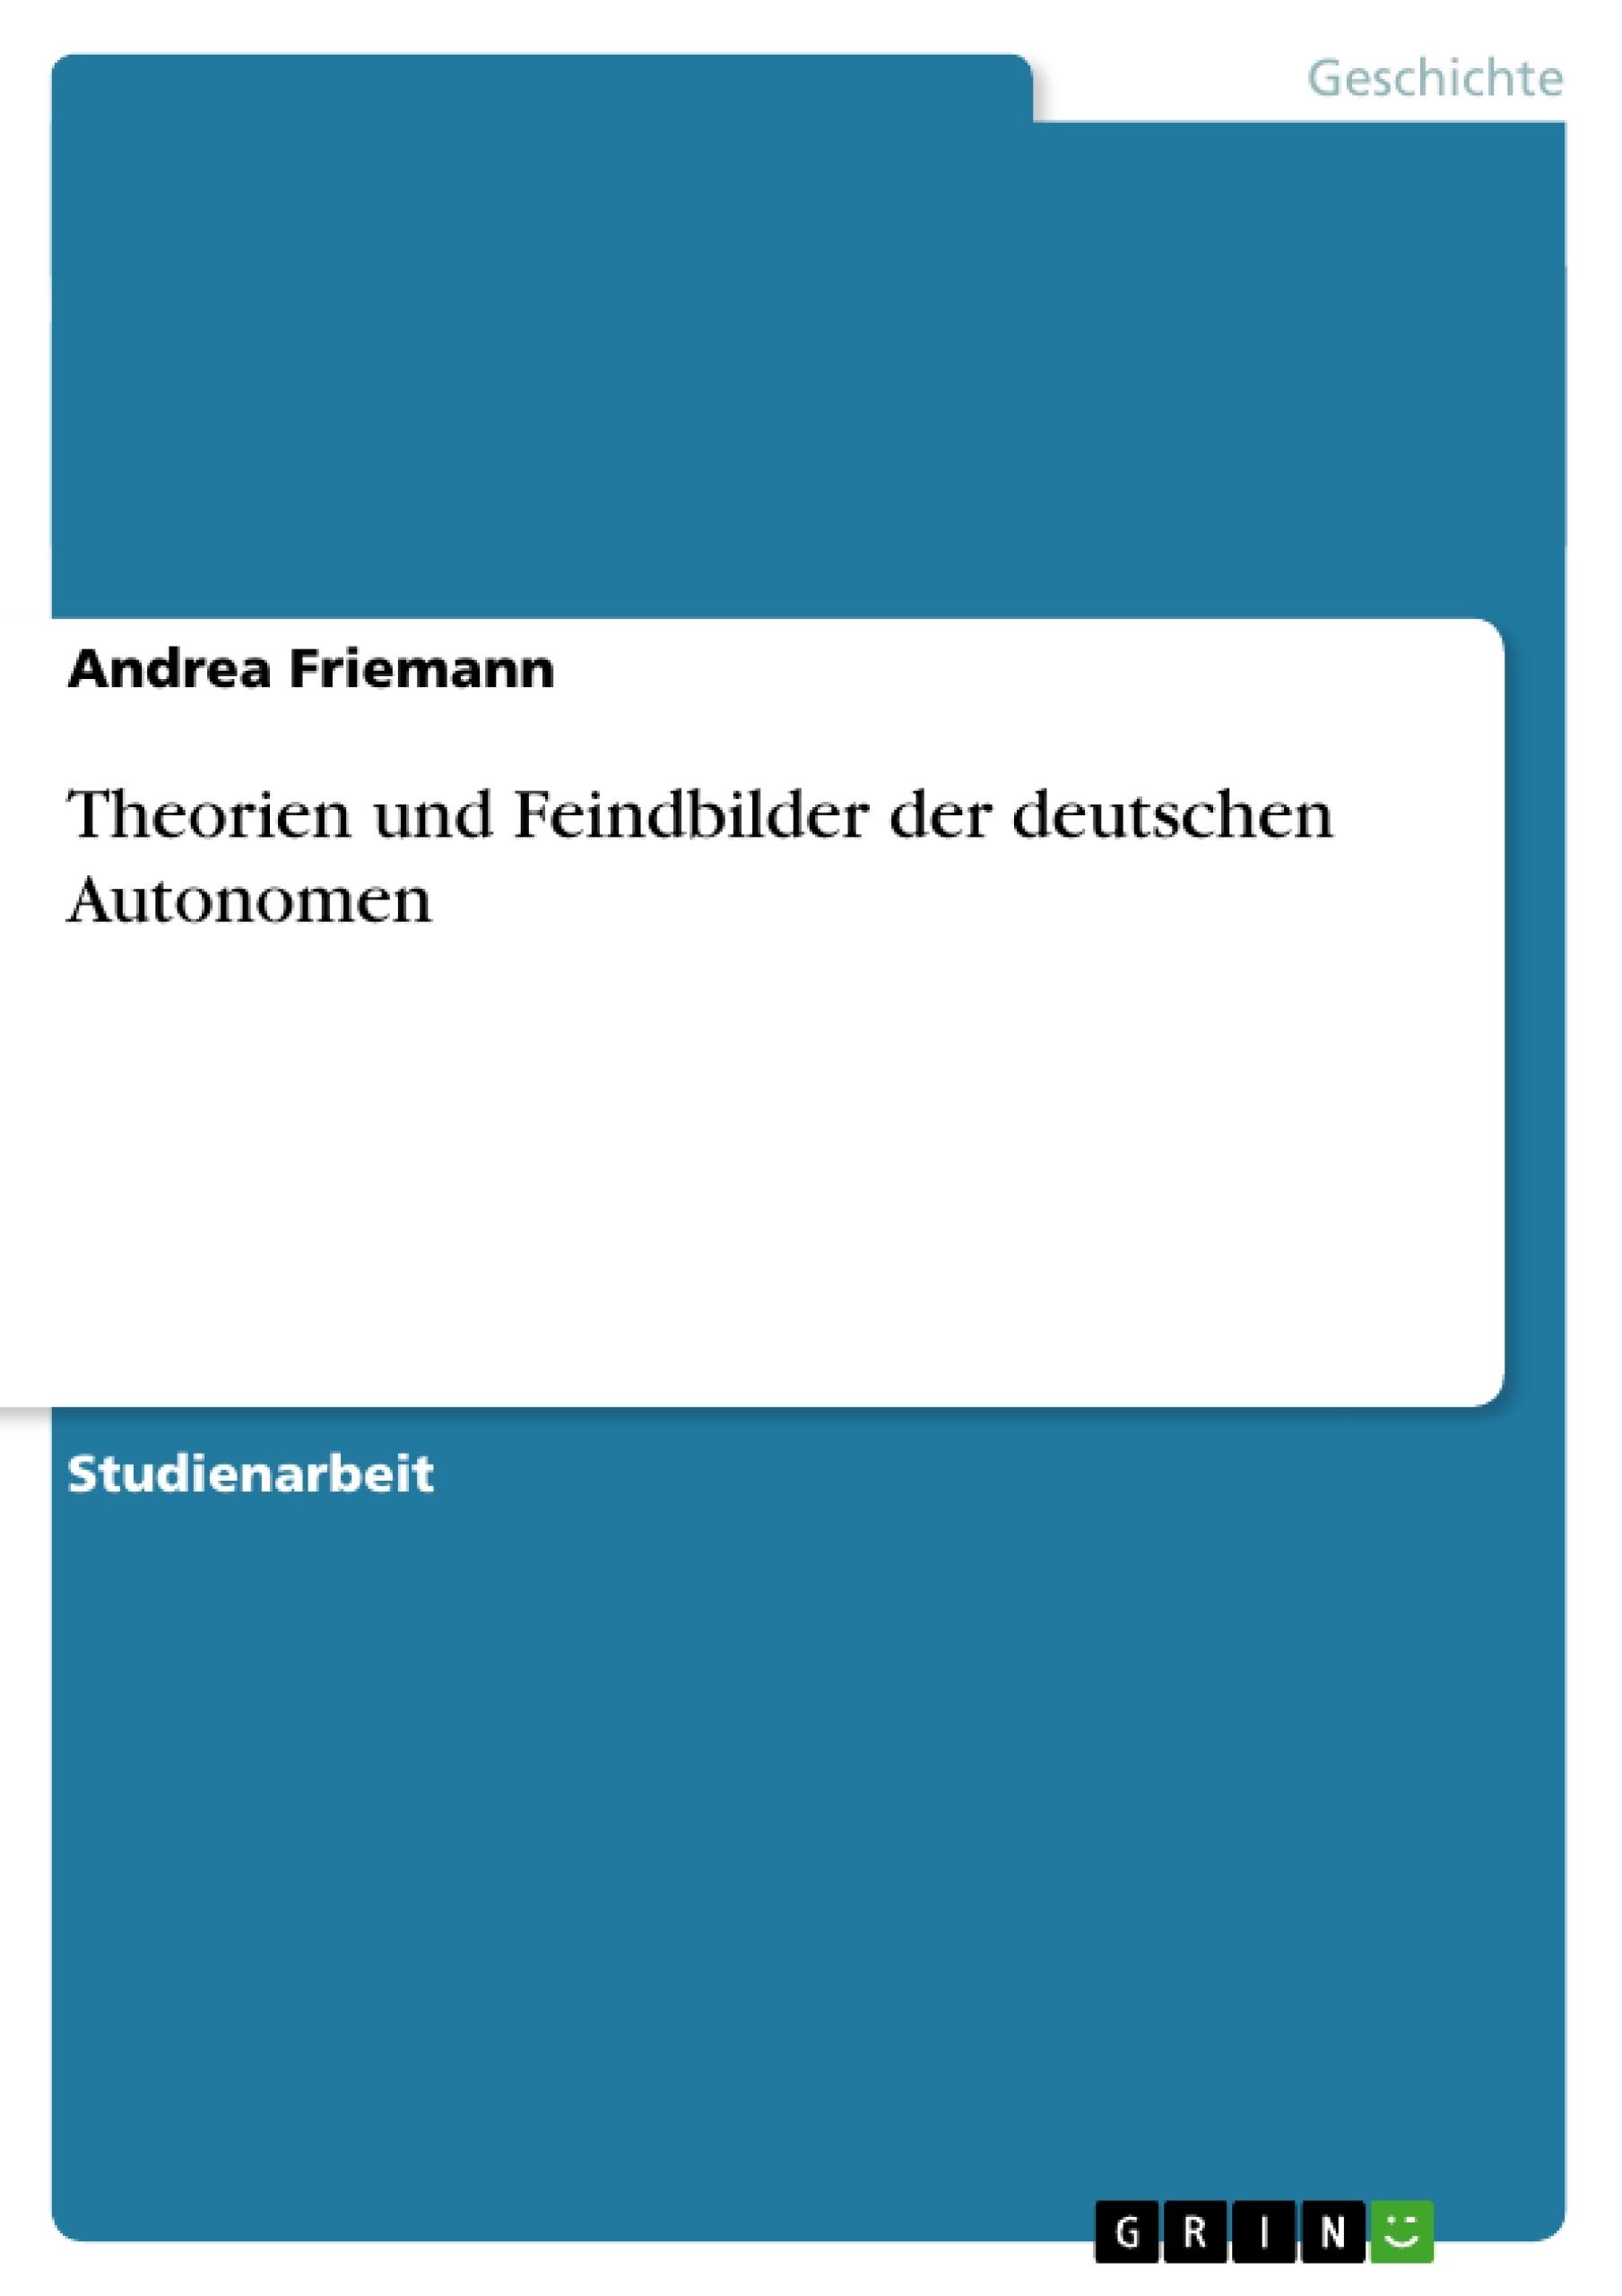 Titel: Theorien und Feindbilder der deutschen Autonomen